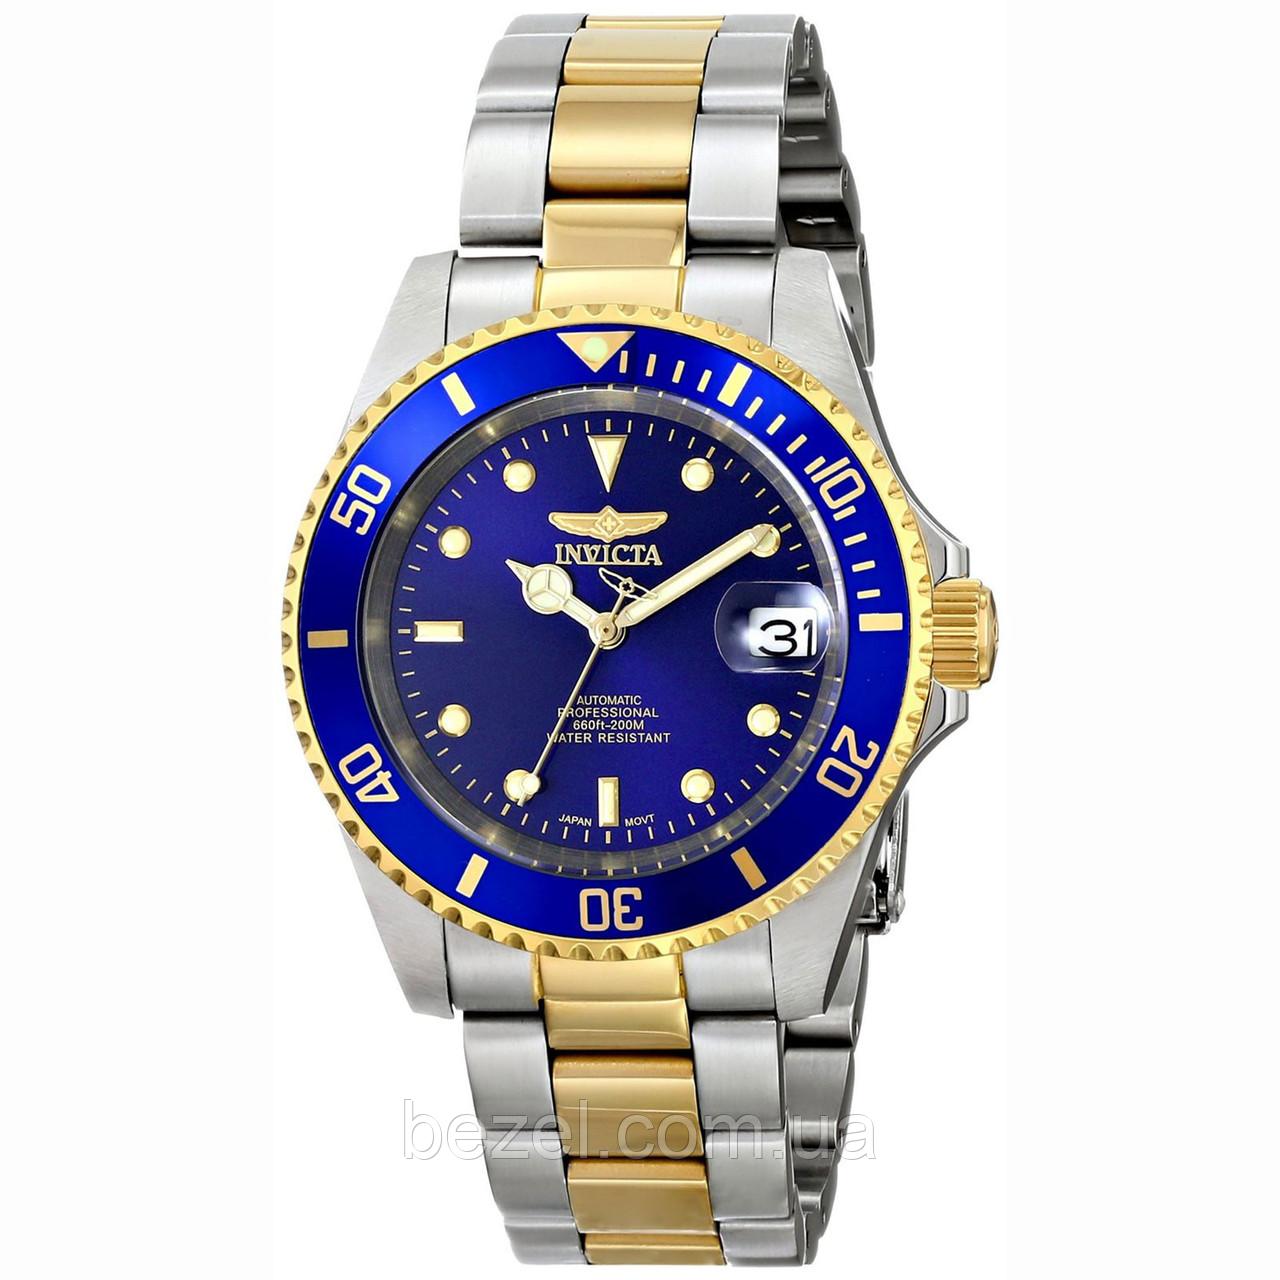 237881ff222f ROLEX Мужские механические часы Invicta Pro Diver 8928OB Инвикта швейцарские  для дайвинга